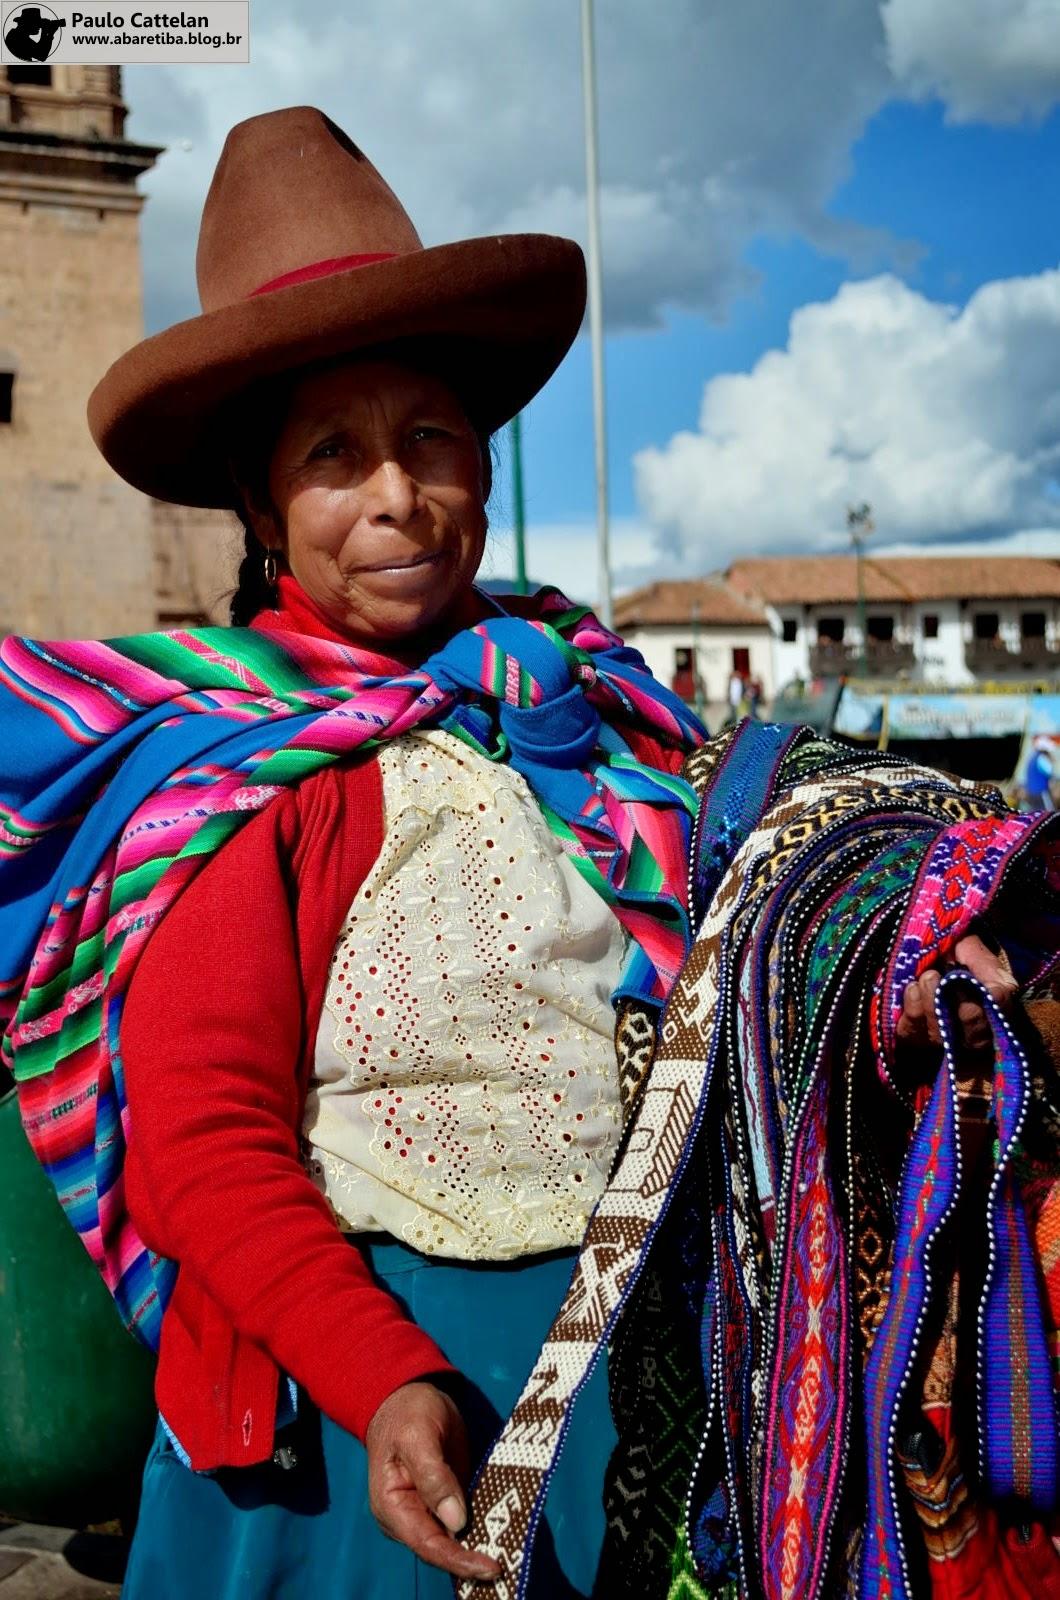 db5a53852 Artesã na Plaza de Armas de Cuzco - Peru.